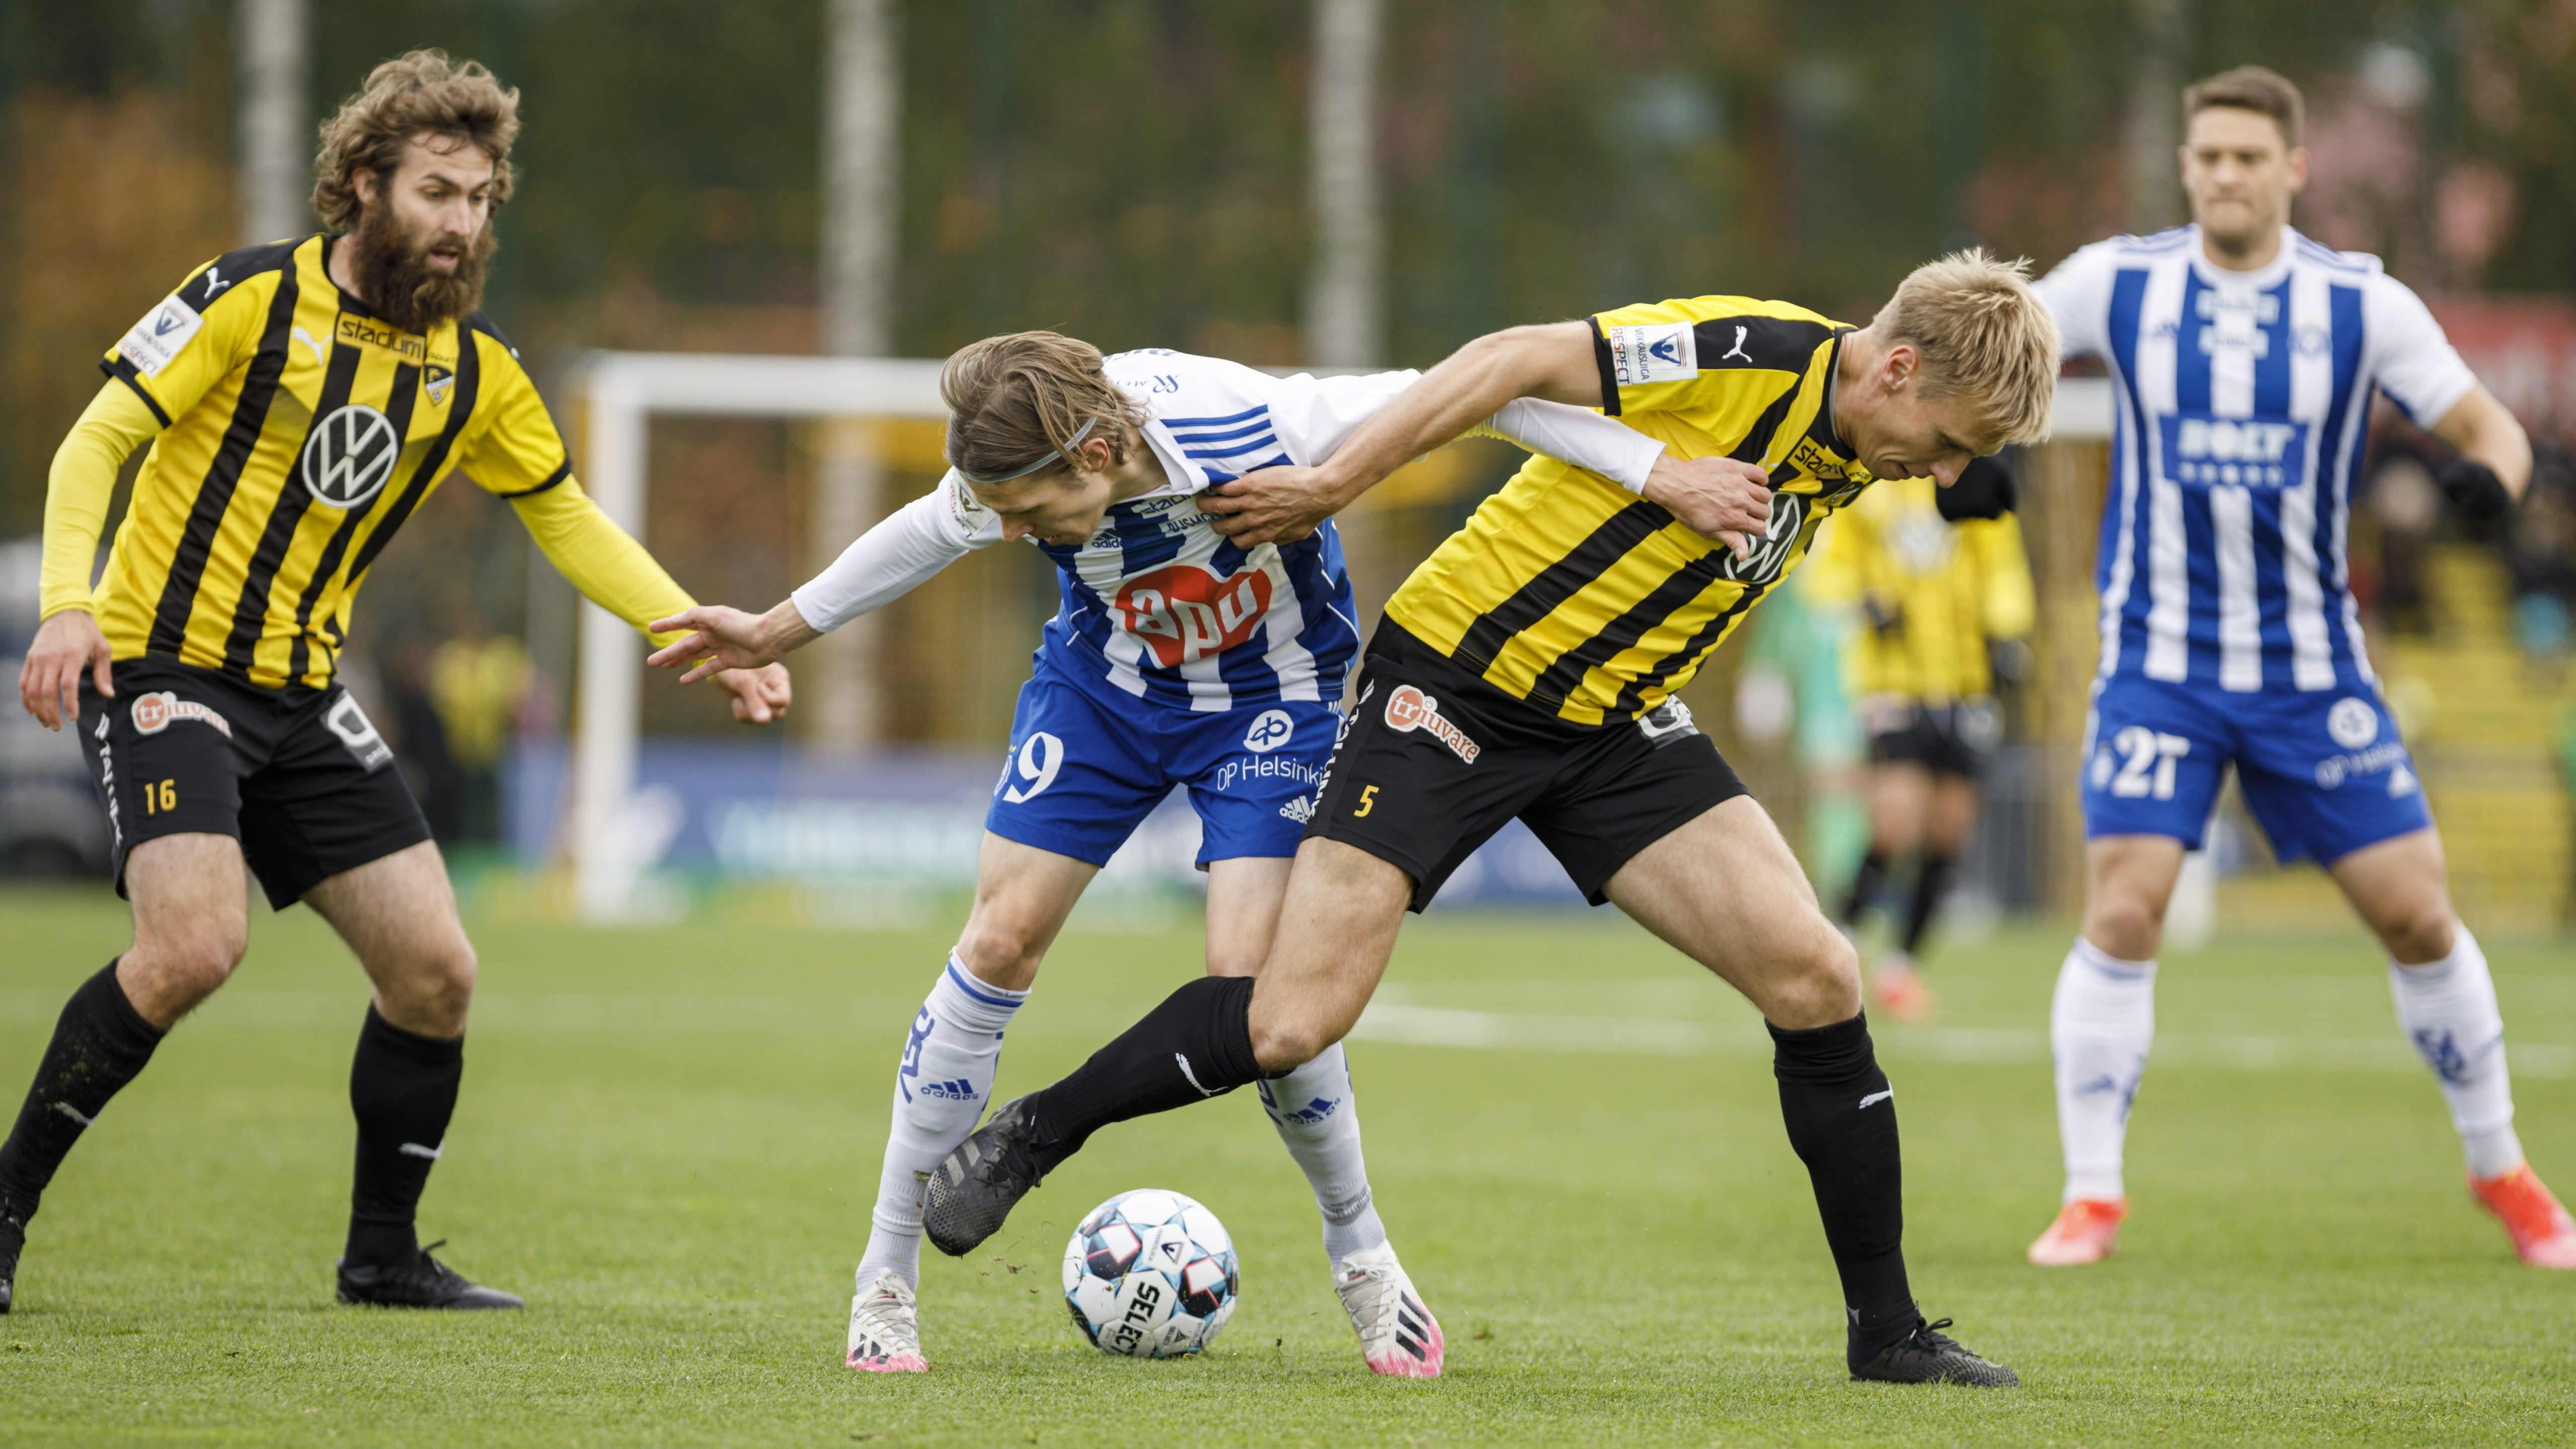 HJK:n Riku Riski (2. vas.) ja Hongan Henri Aalto kamppailevat pallosta.